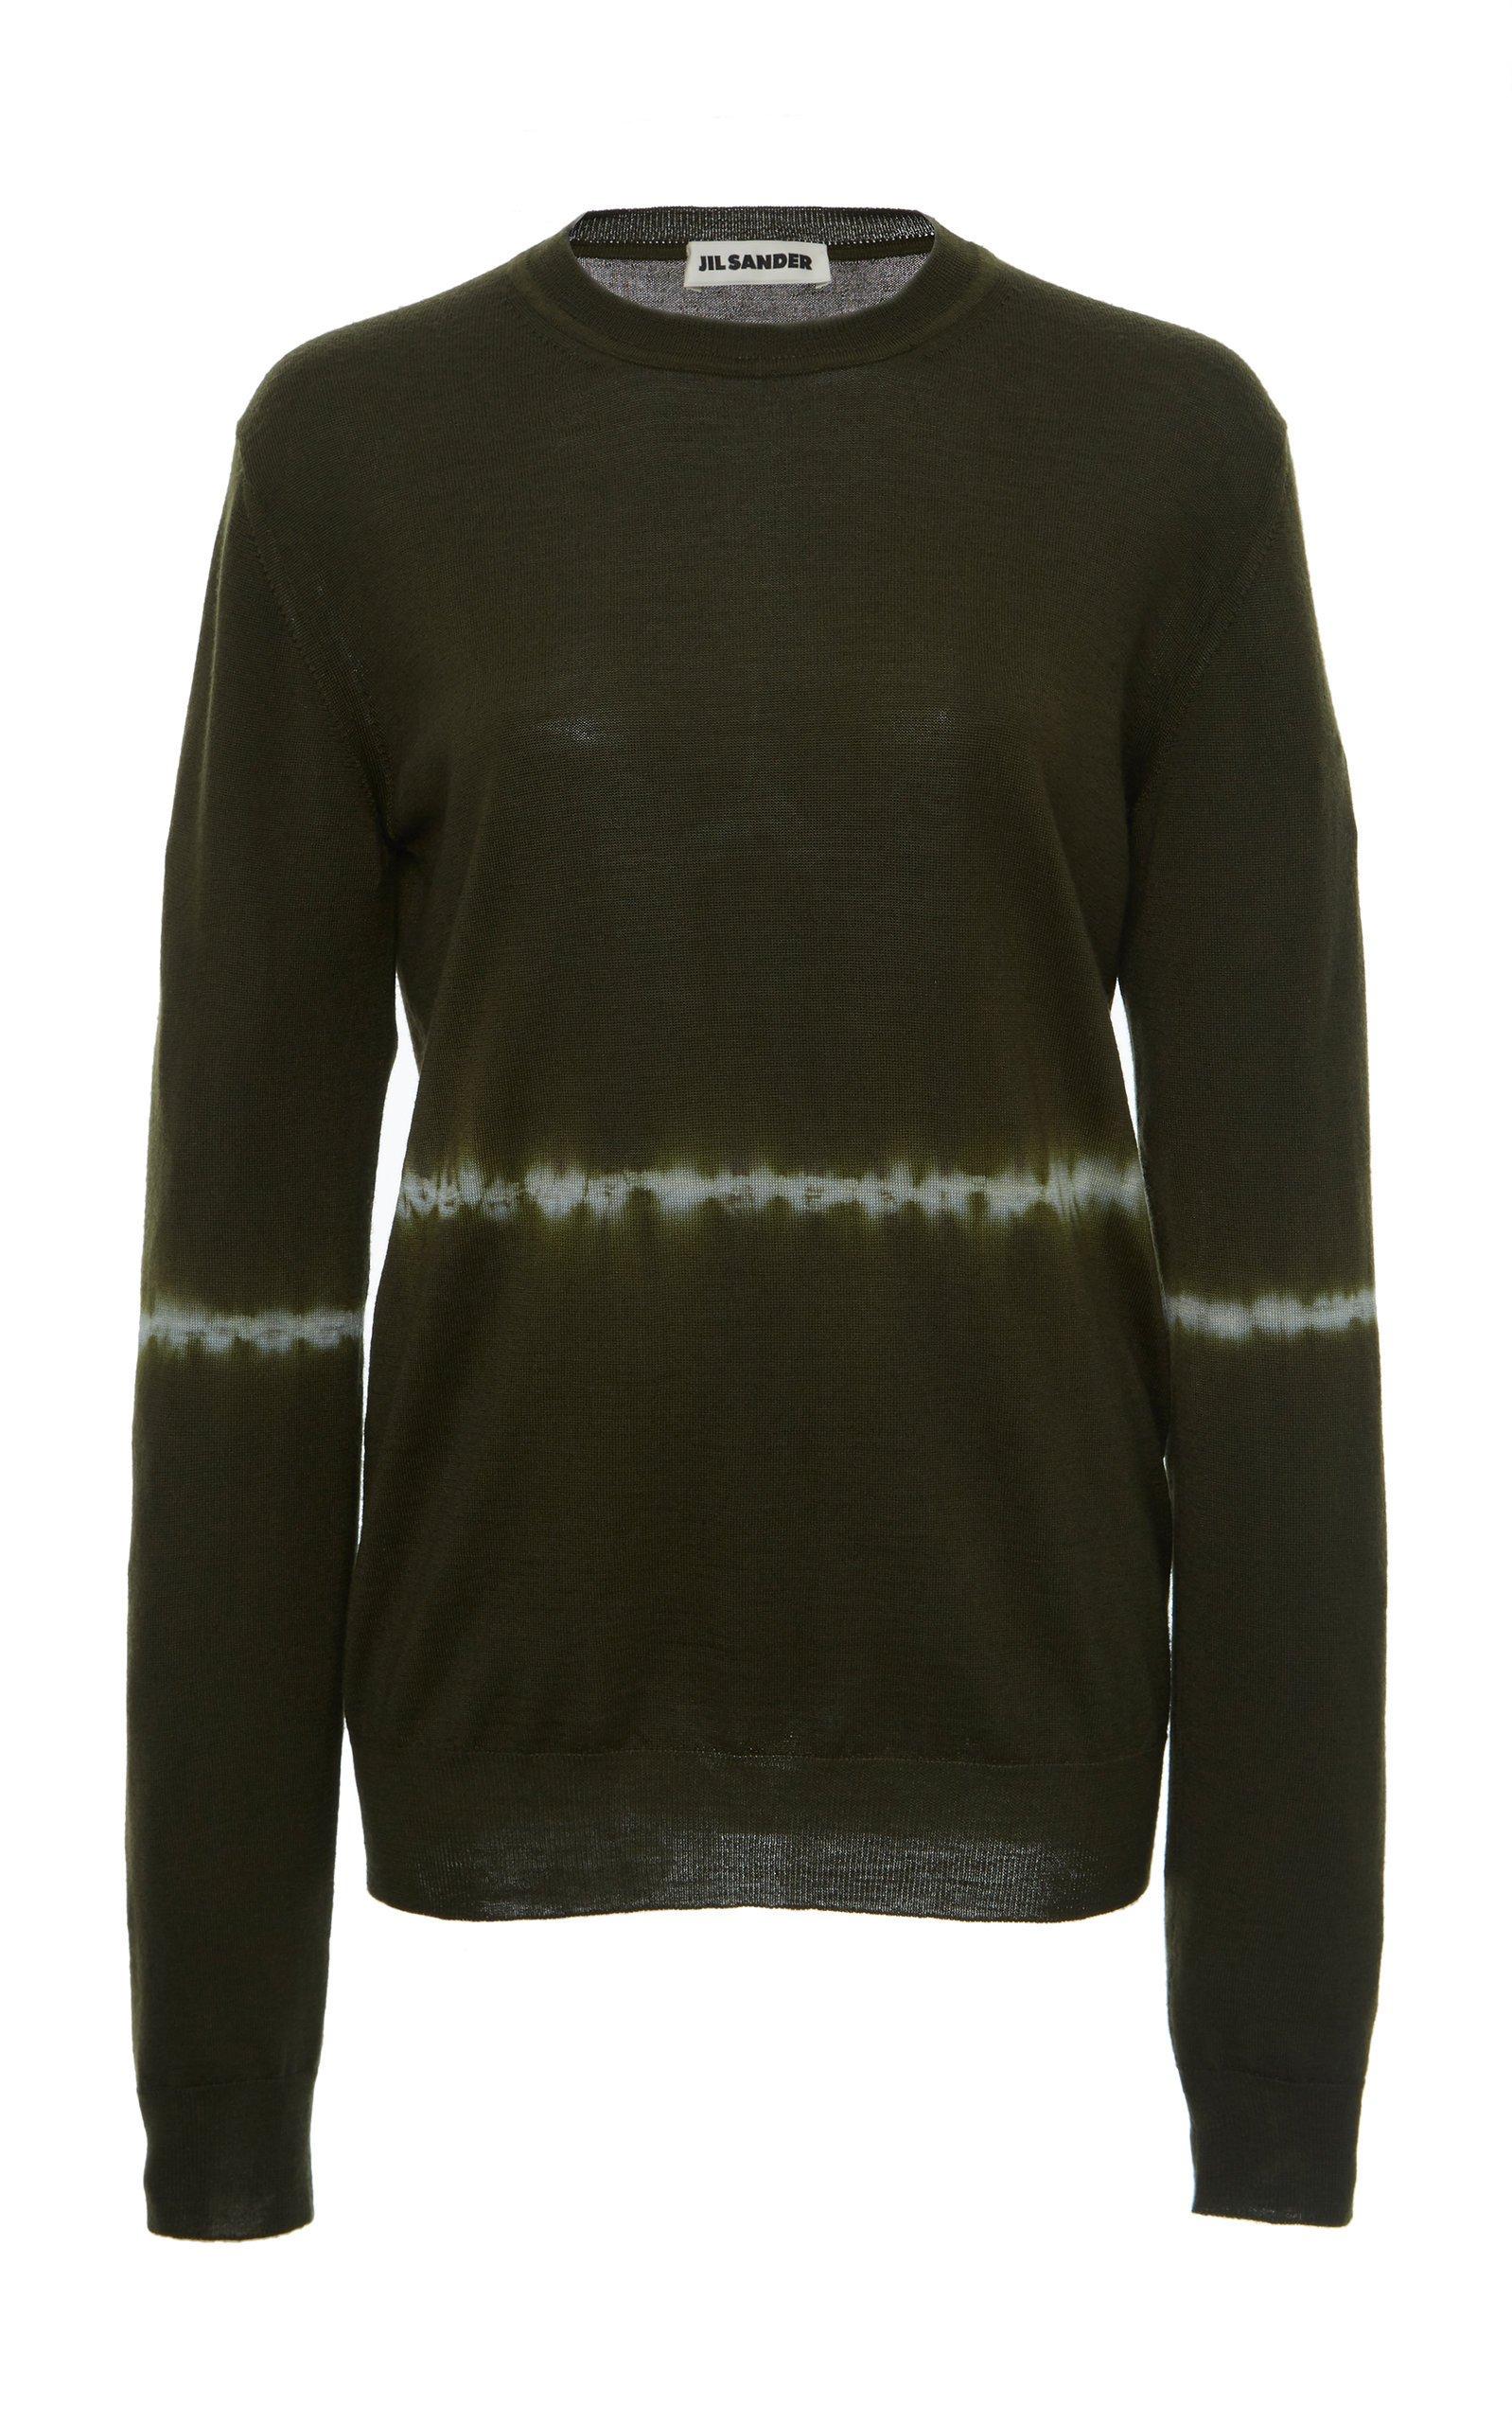 Jil Sander Tie Dye Wool Silk Sweater